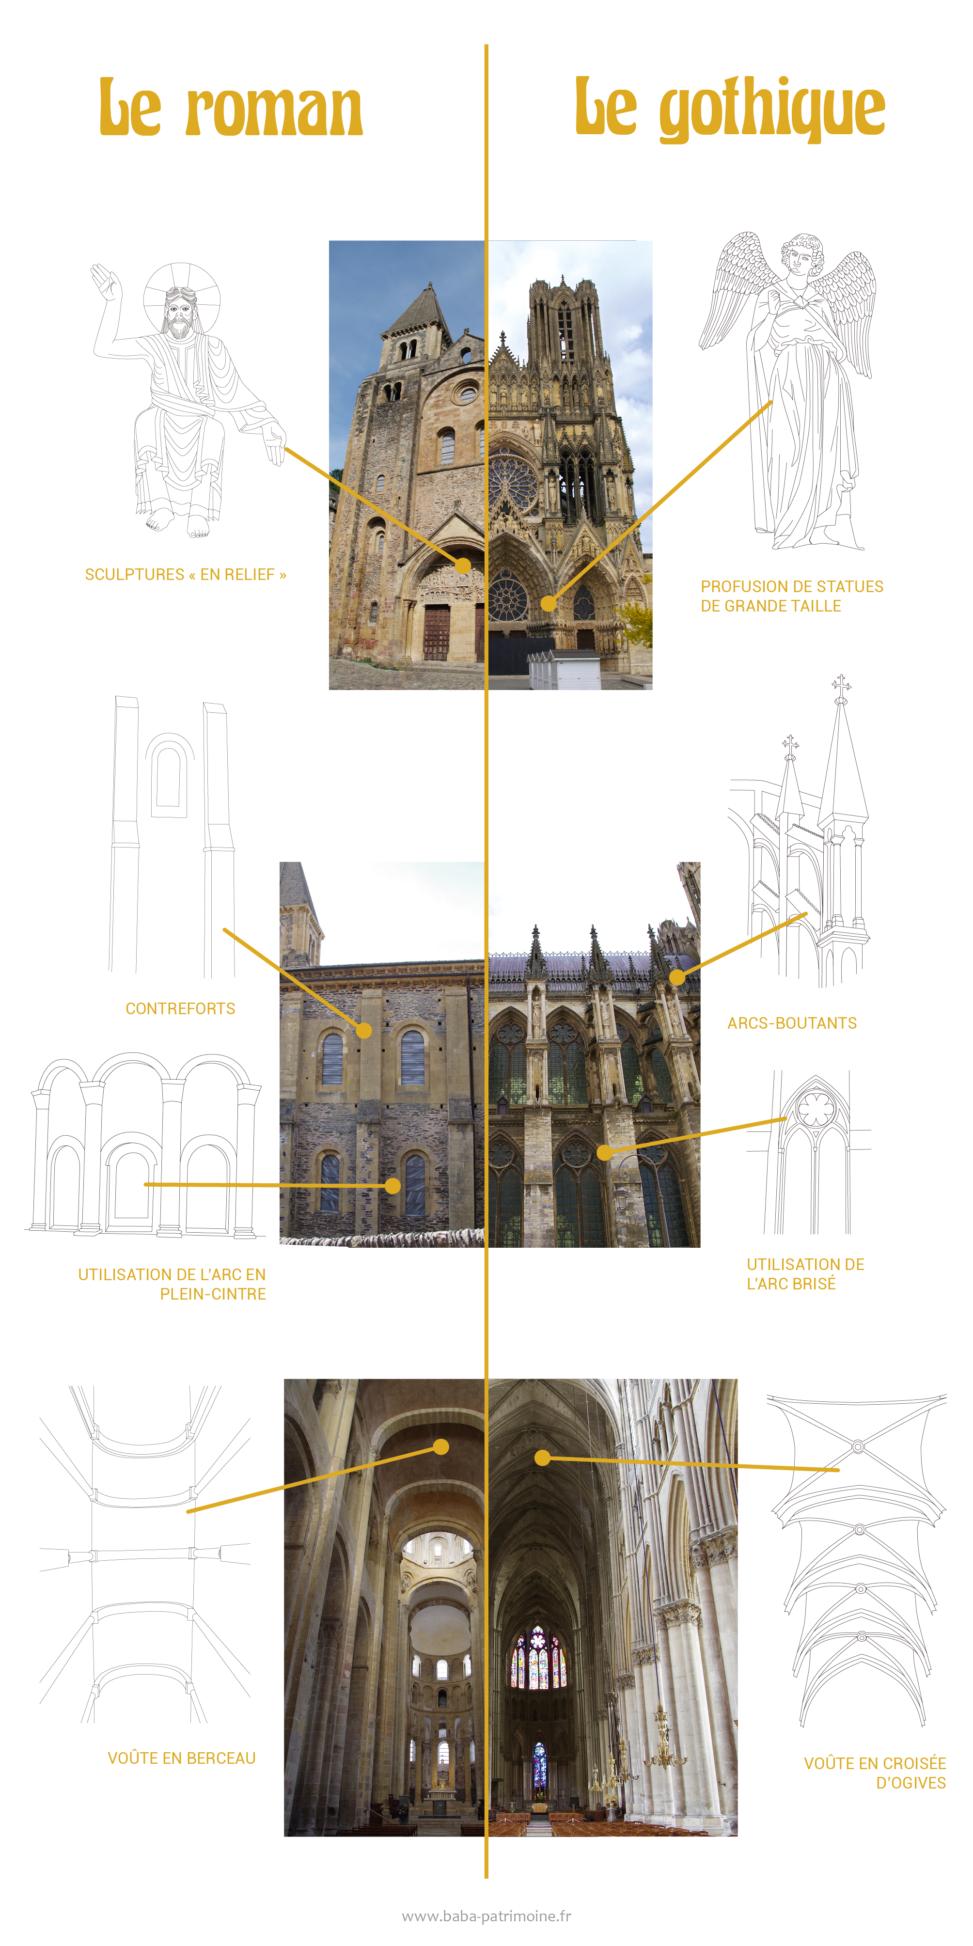 Comparaison des architectures romanes et gothiques en illustration.